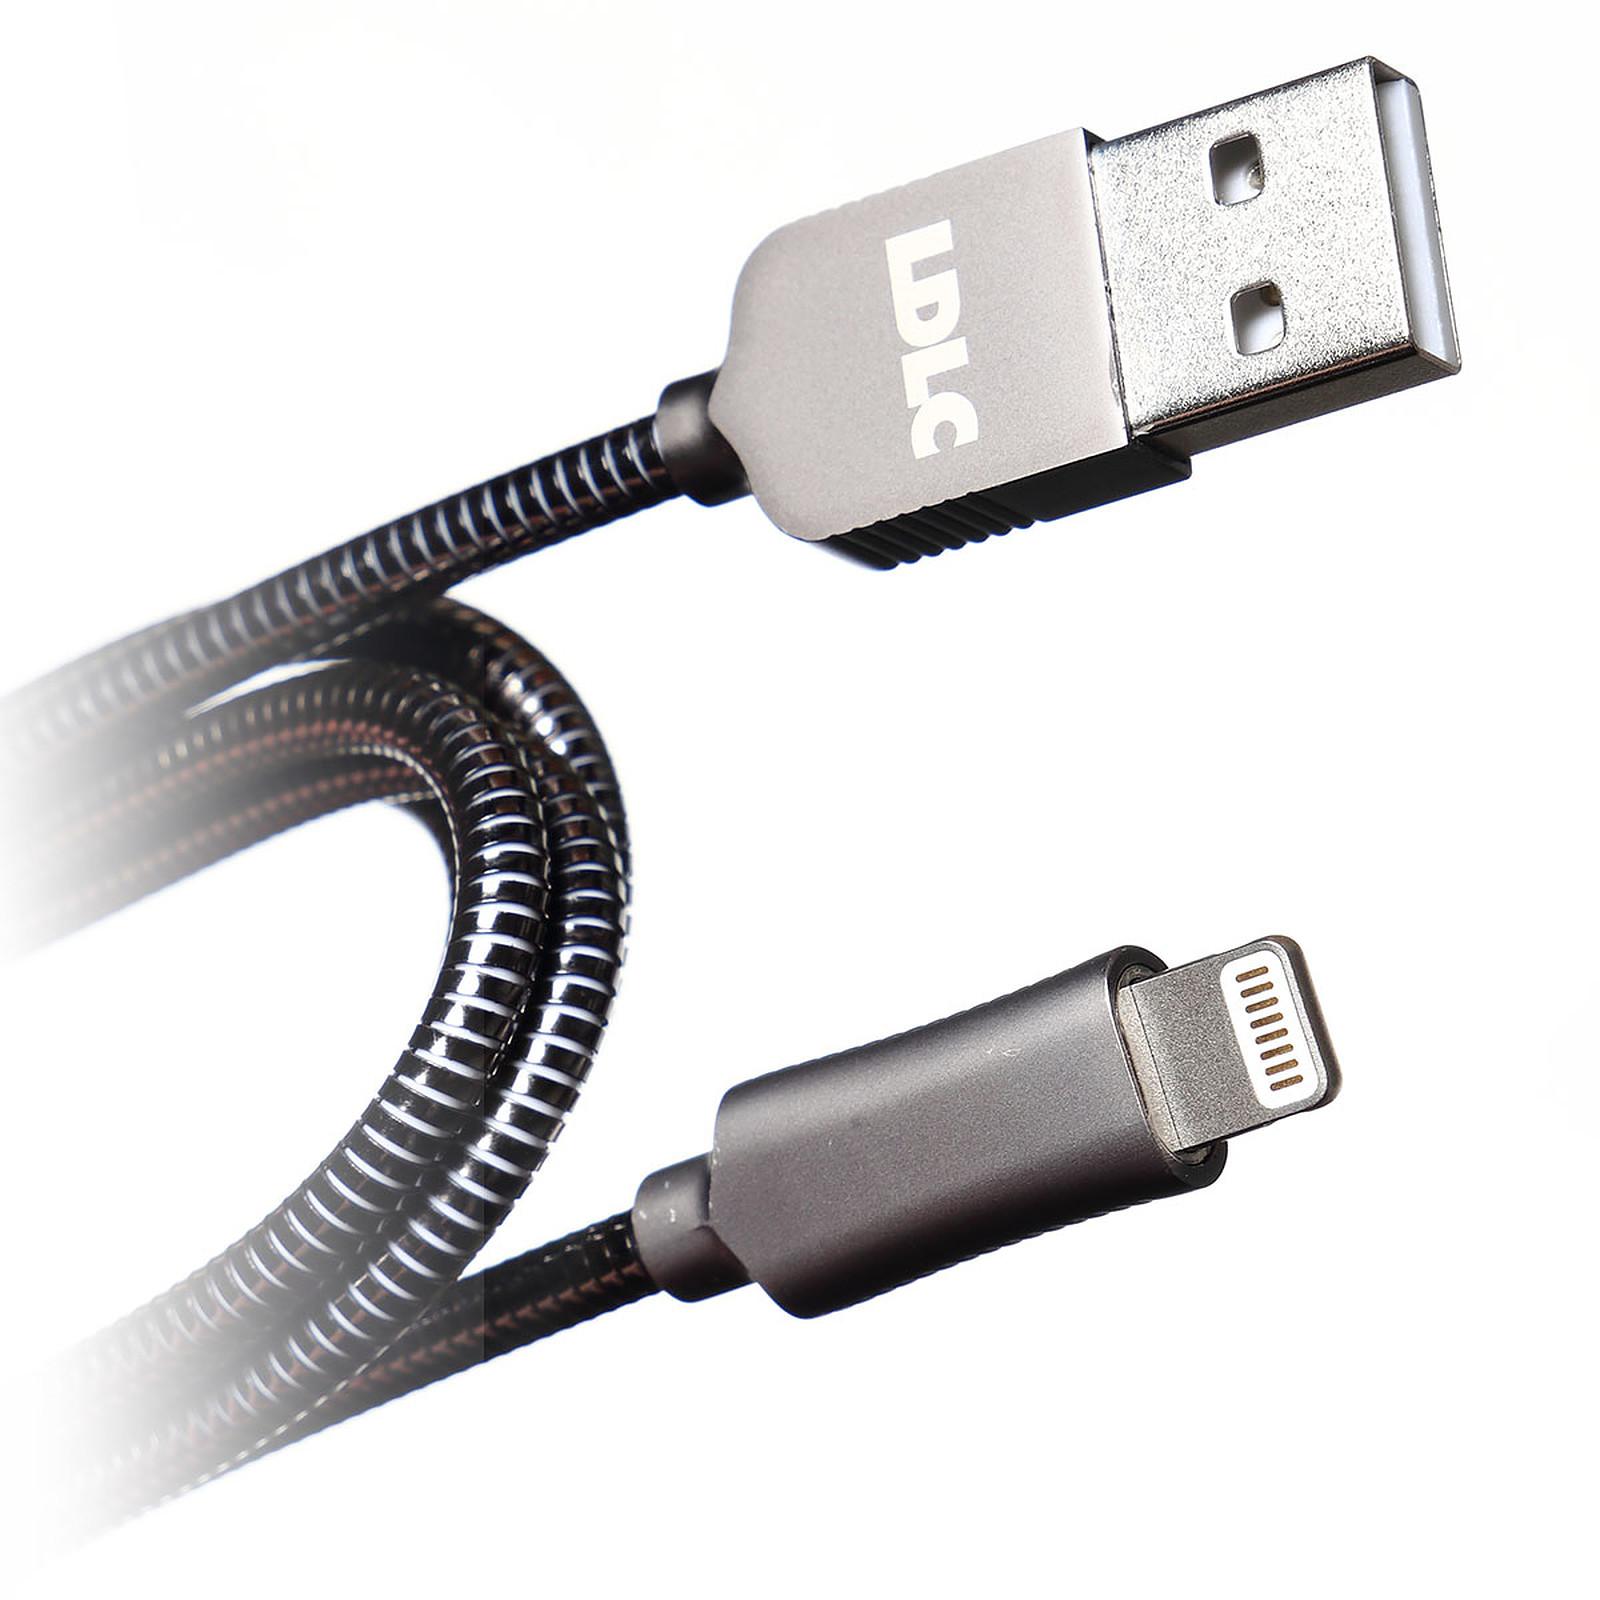 LDLC Câble Métal LT USB/Lightning (certifié MFI) - 1 m